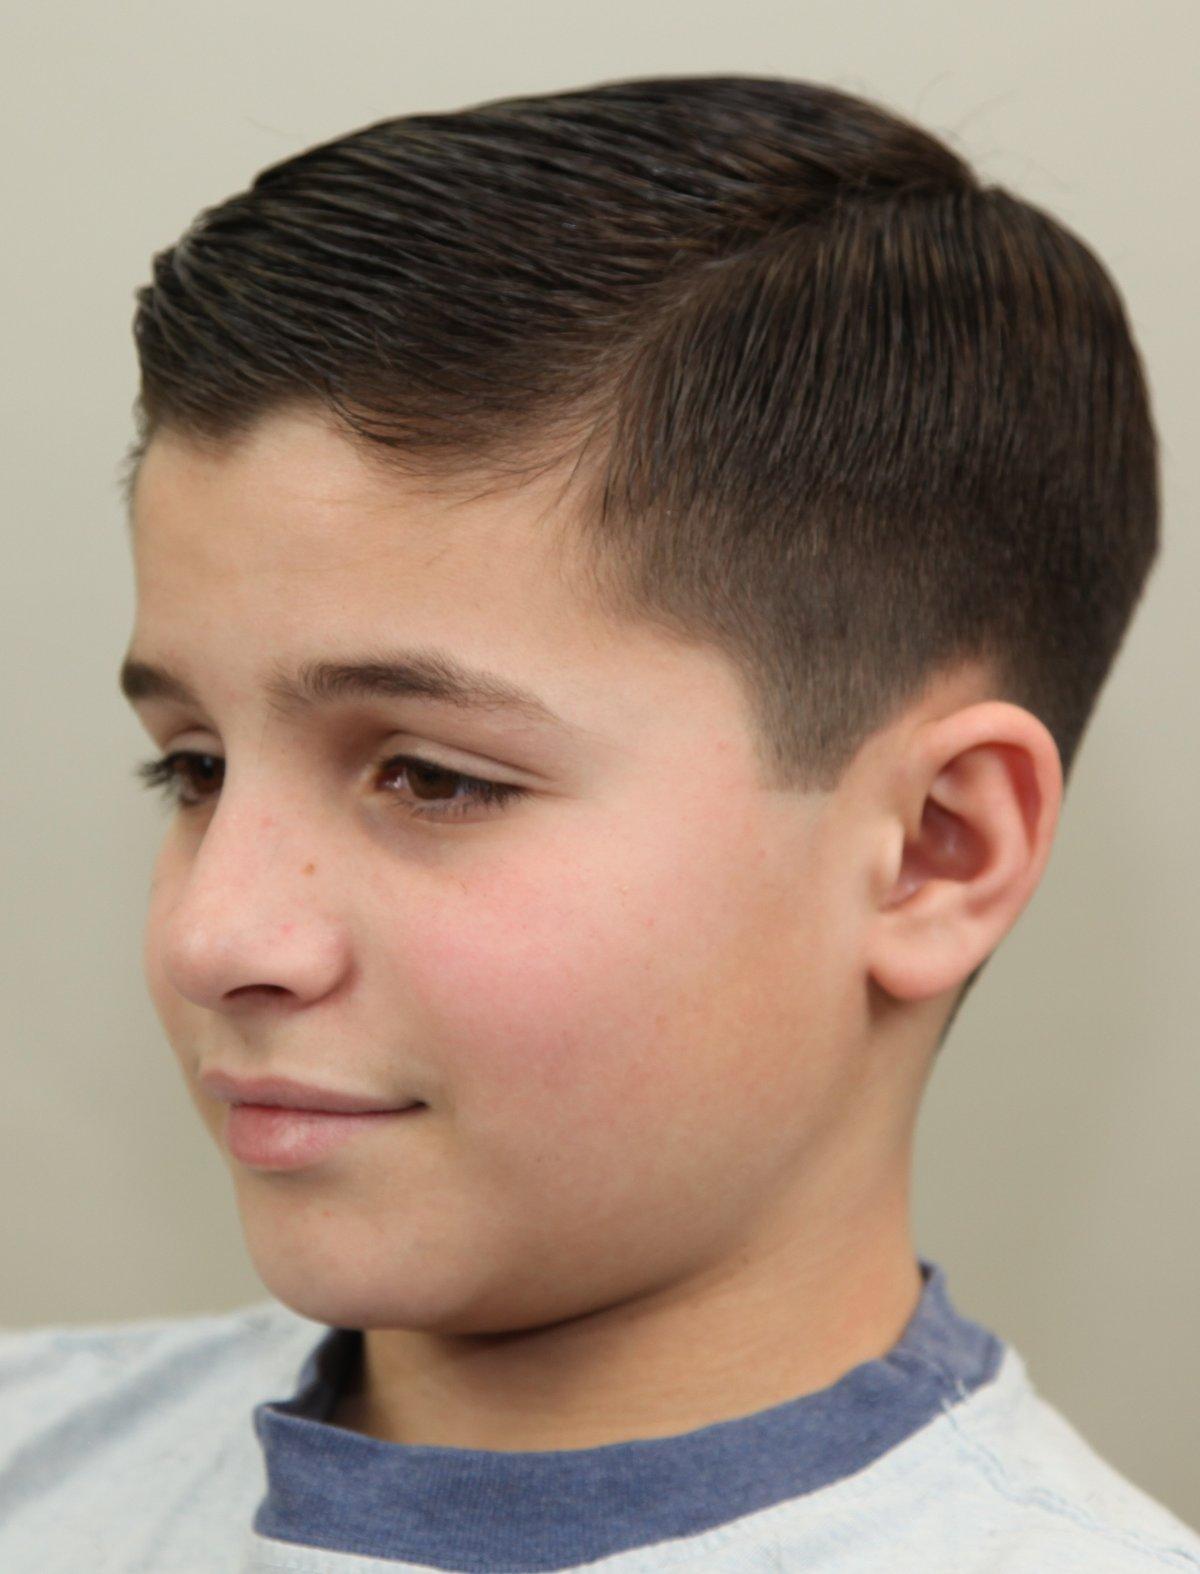 «Стрижки для мальчиков 15 лет» коллекция пользователя